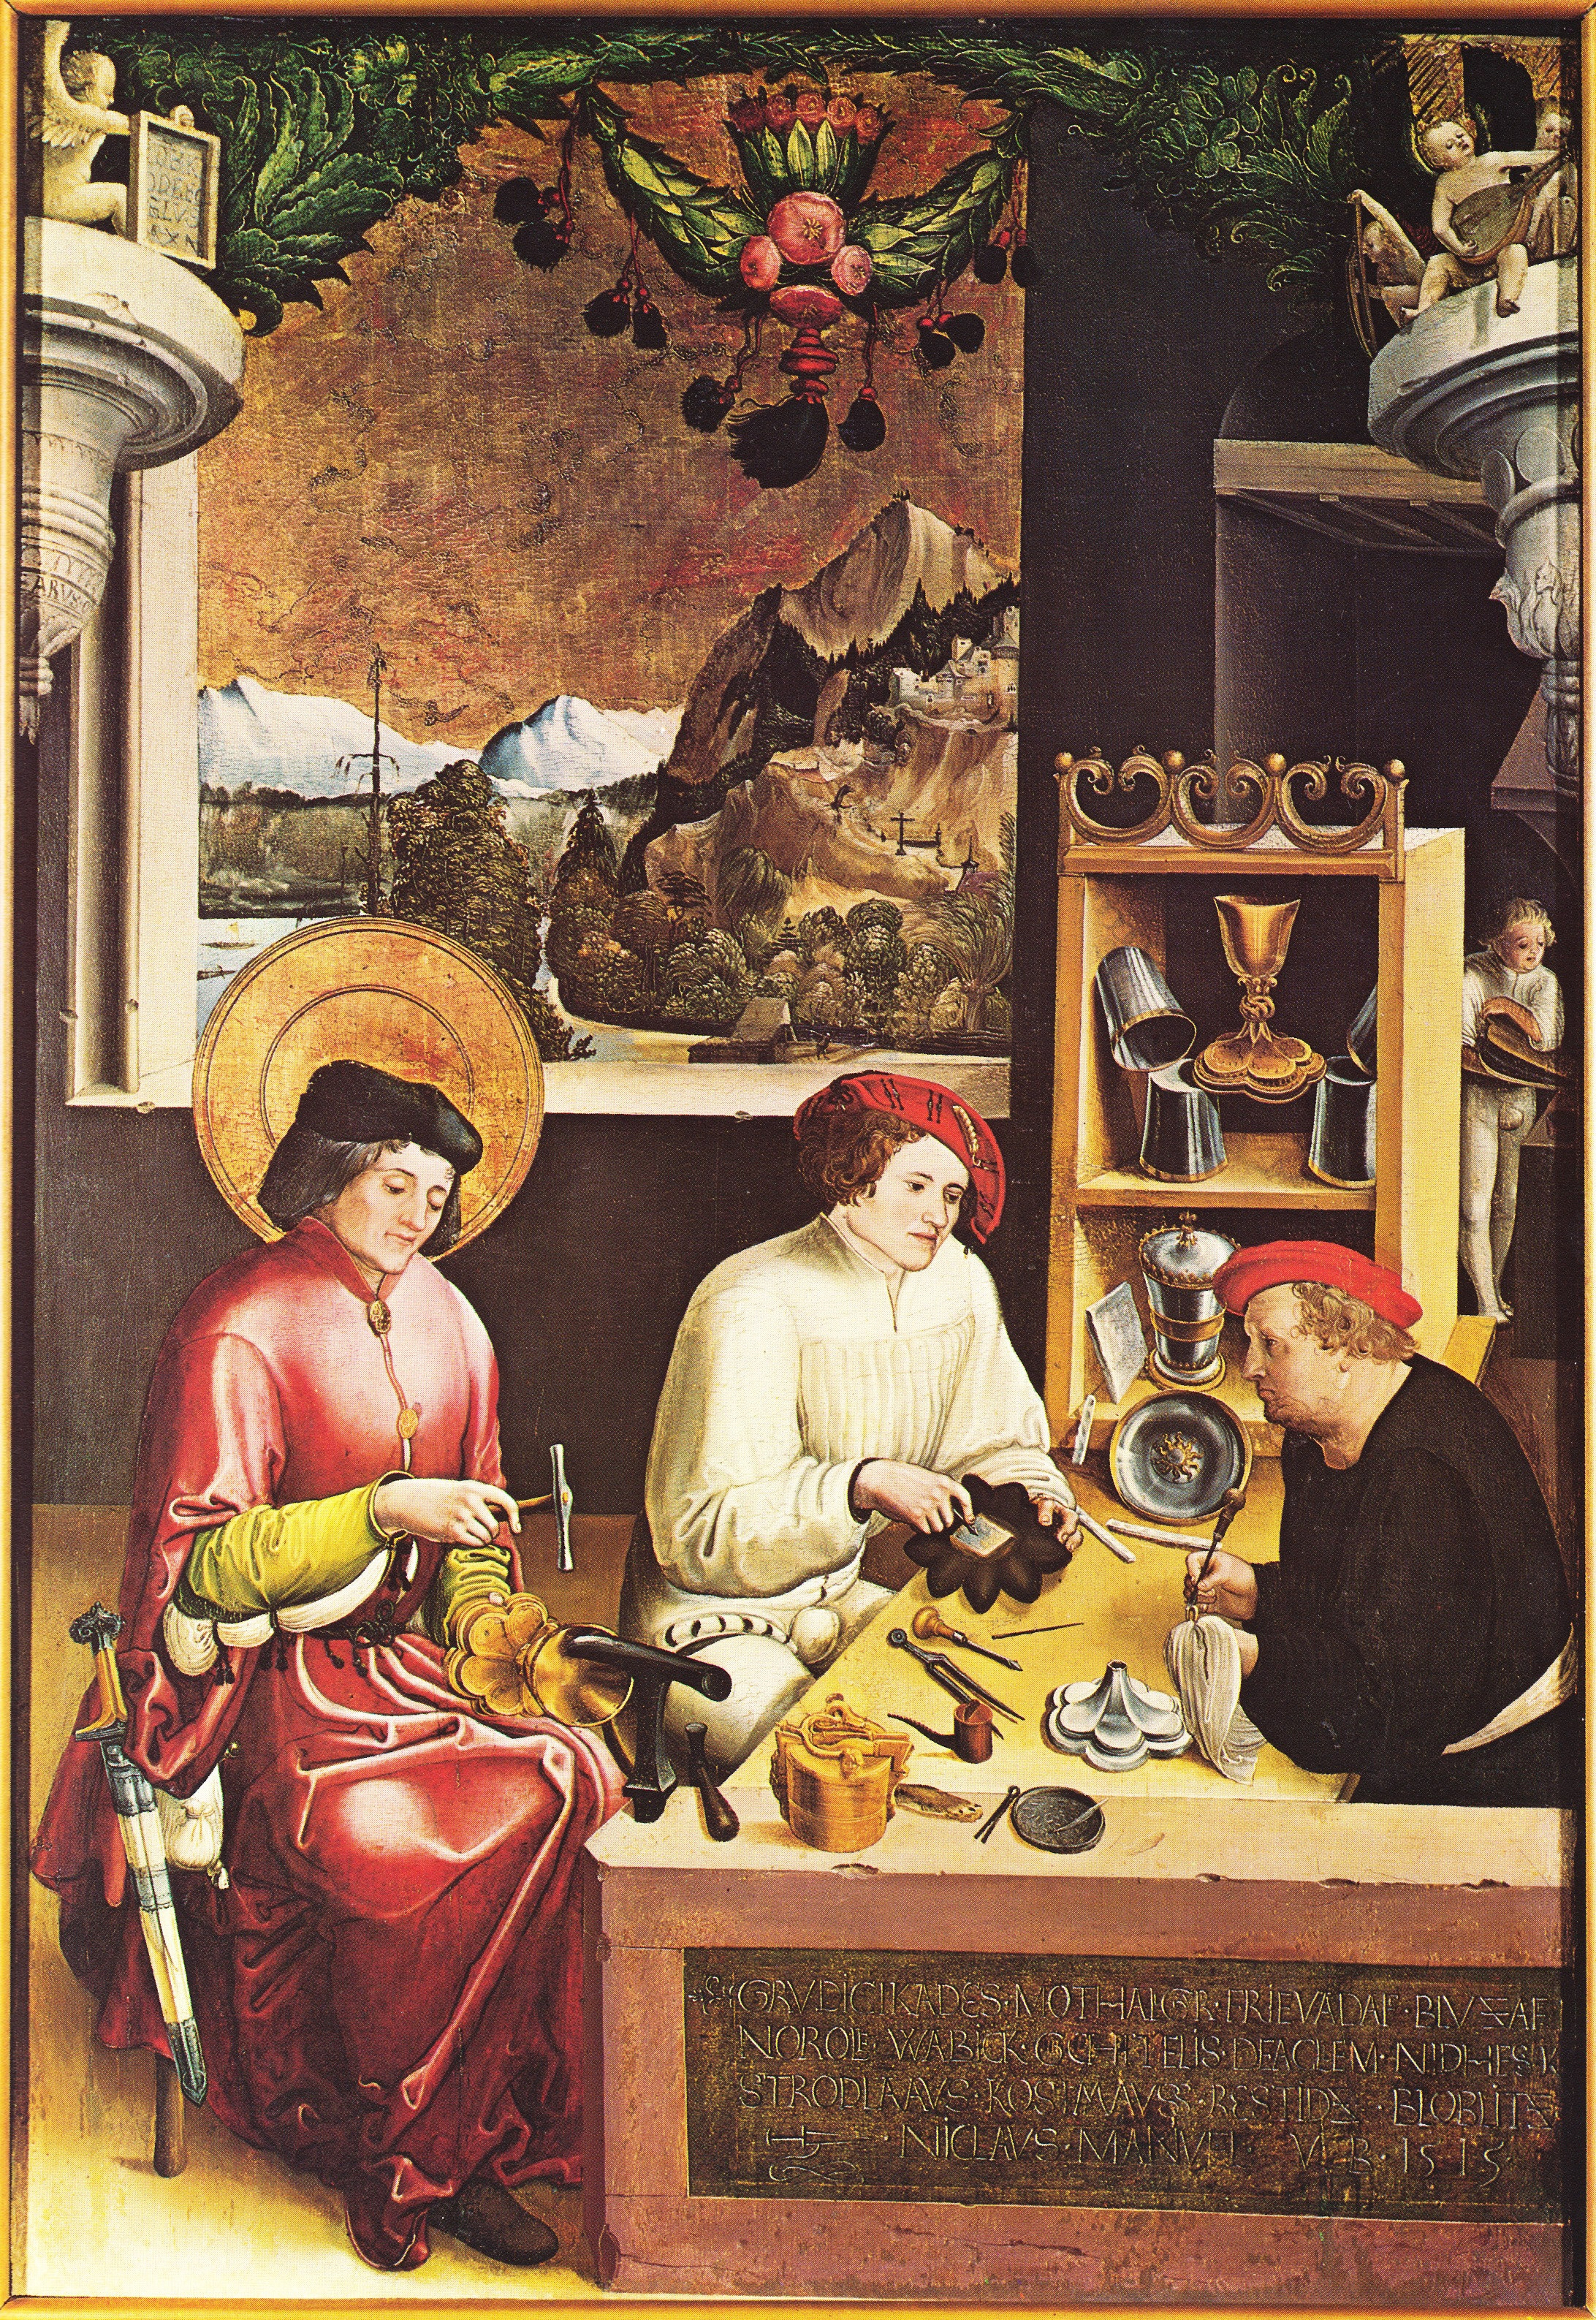 Niklaus Manuel Deutsch- Saint Eloi dans son atelier_1515